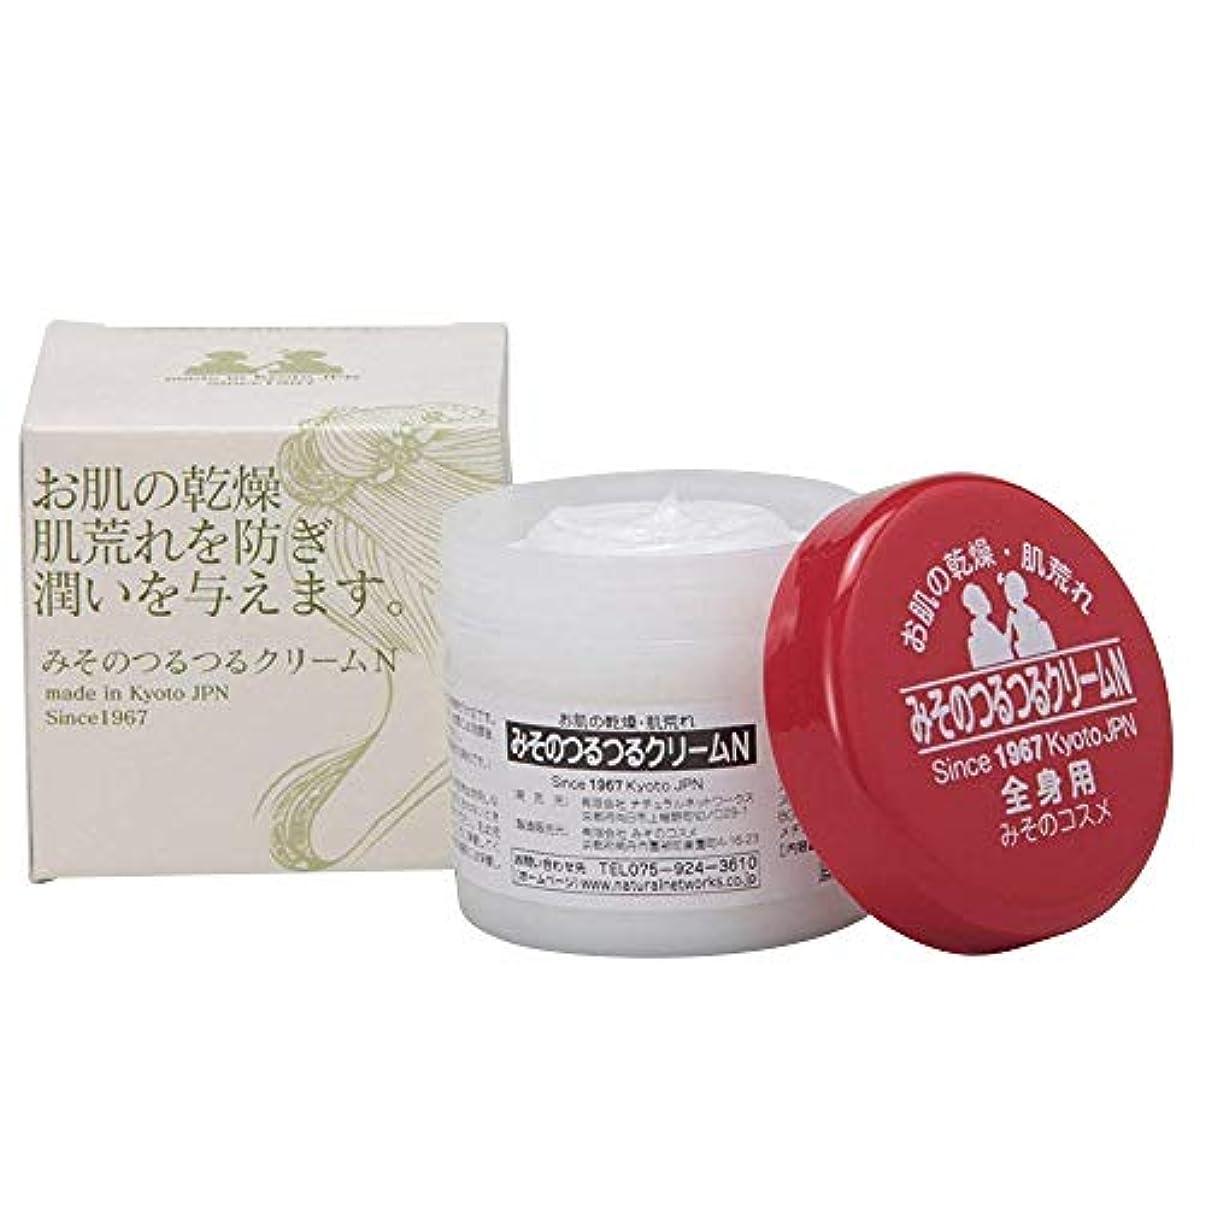 サイトきゅうり傷つきやすいみそのつるつるクリームN 全身用 33g 無香料 舞妓さんシリーズ 日本製